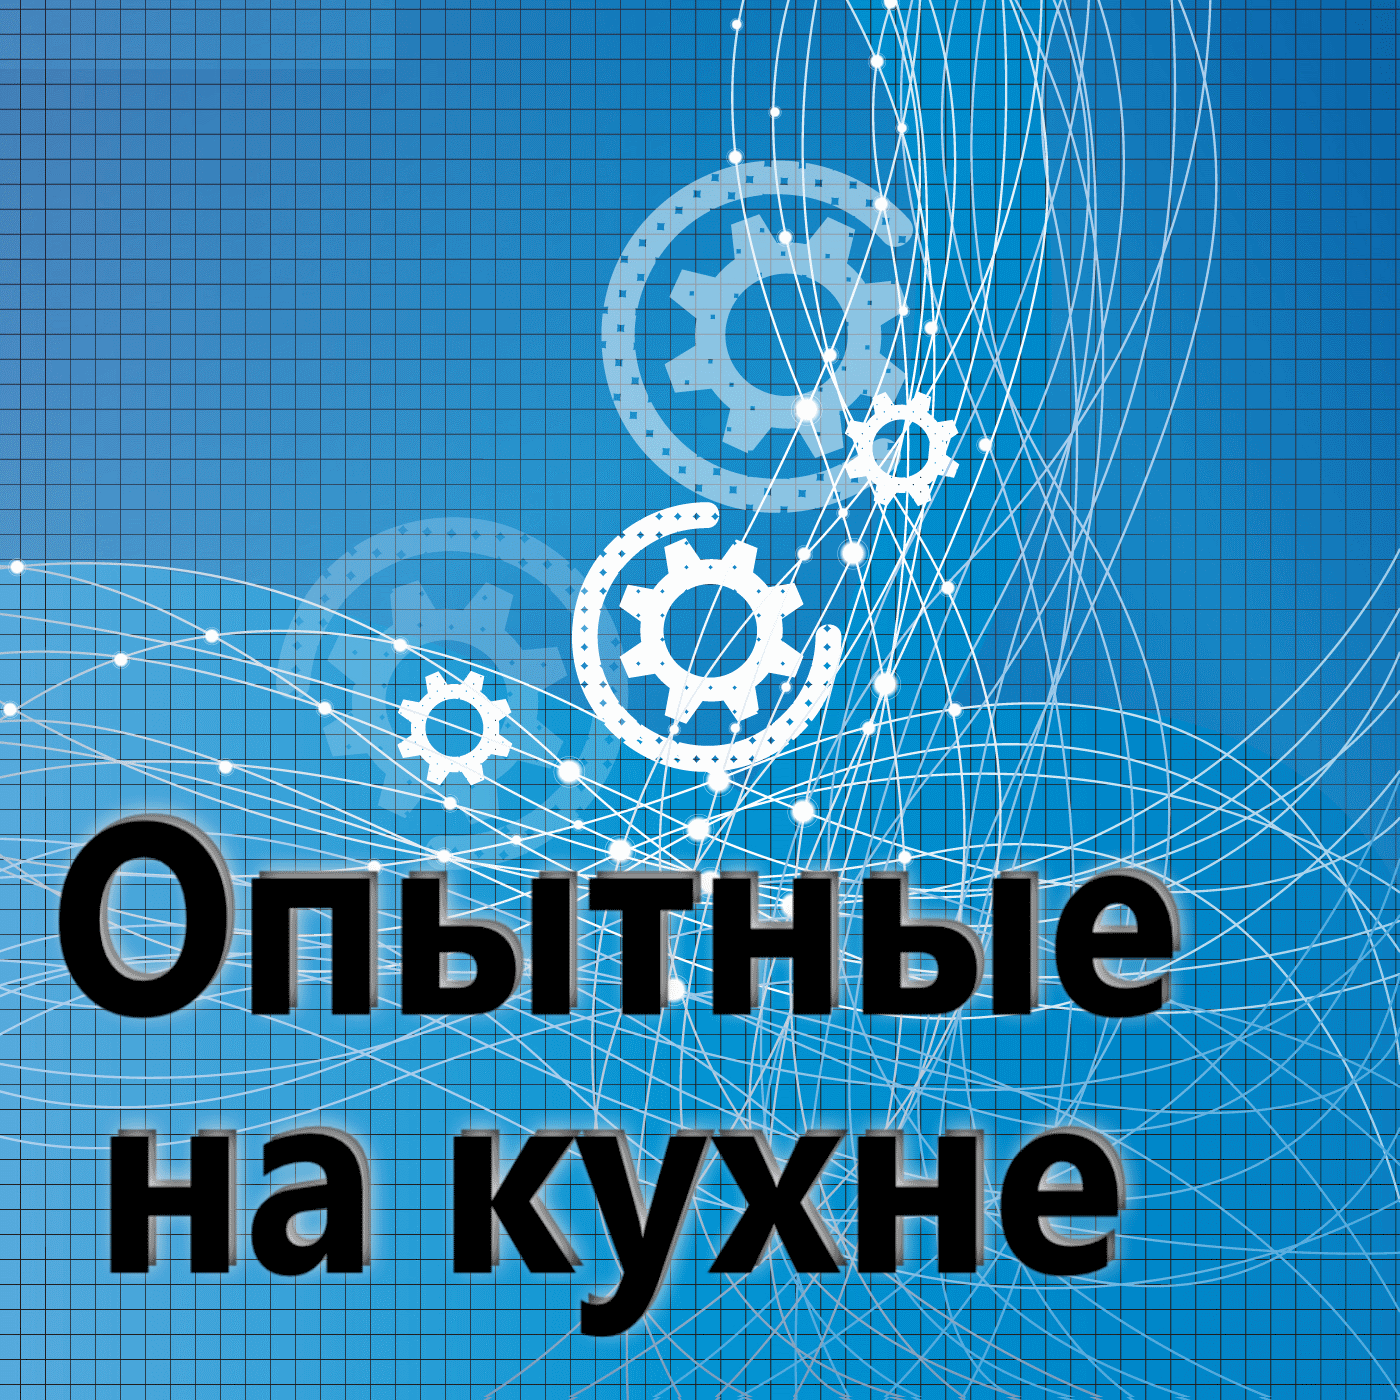 Евгений Плешивцев 140. Опытные на кухне.